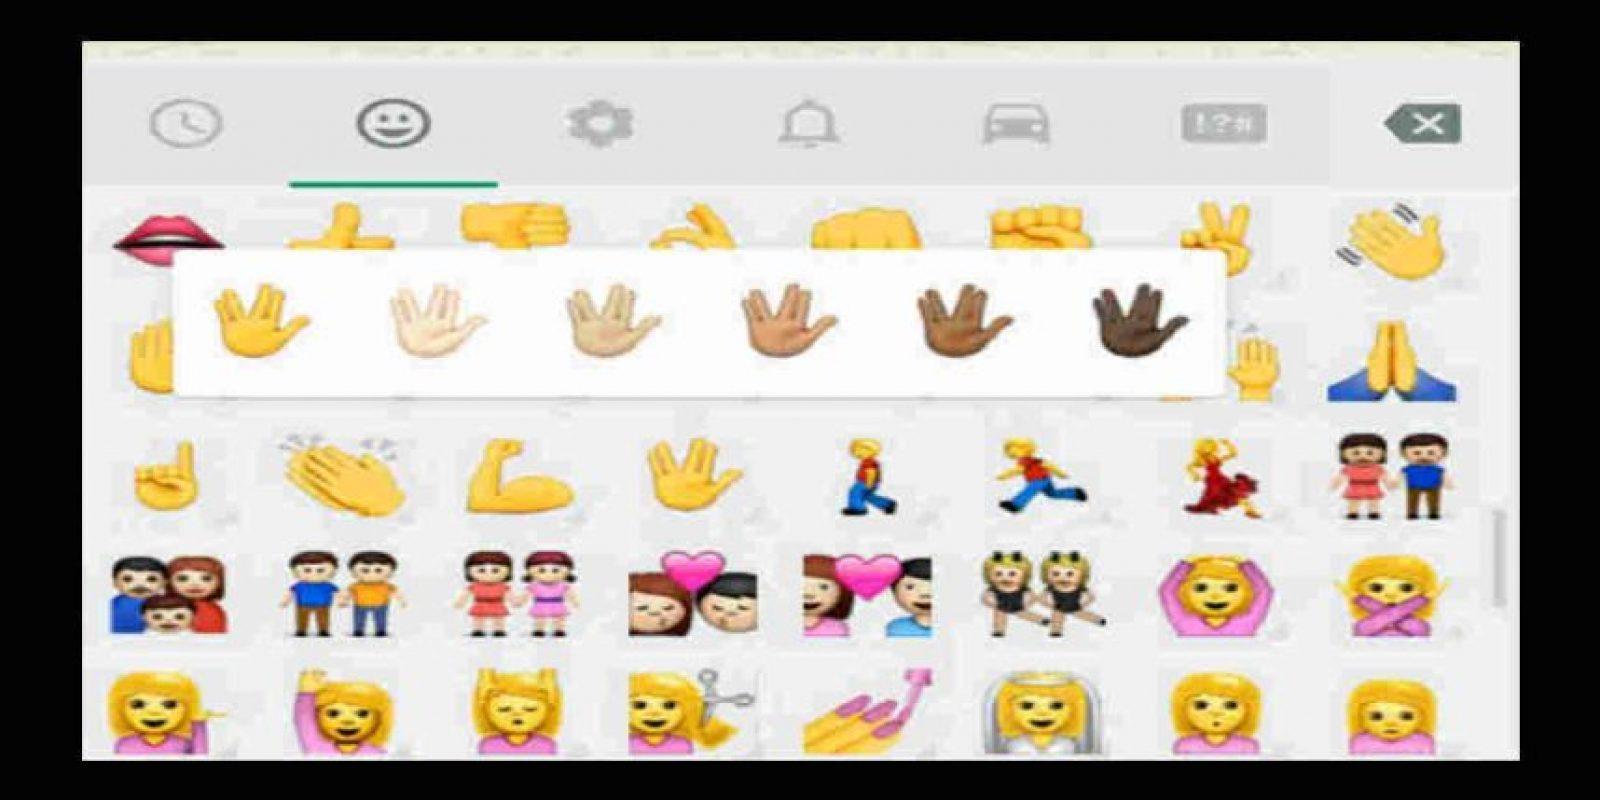 El año pasado WhatsApp lanzó la opción de cambiar el color de la piel de los emoticones. Foto:Tumblr. Imagen Por: